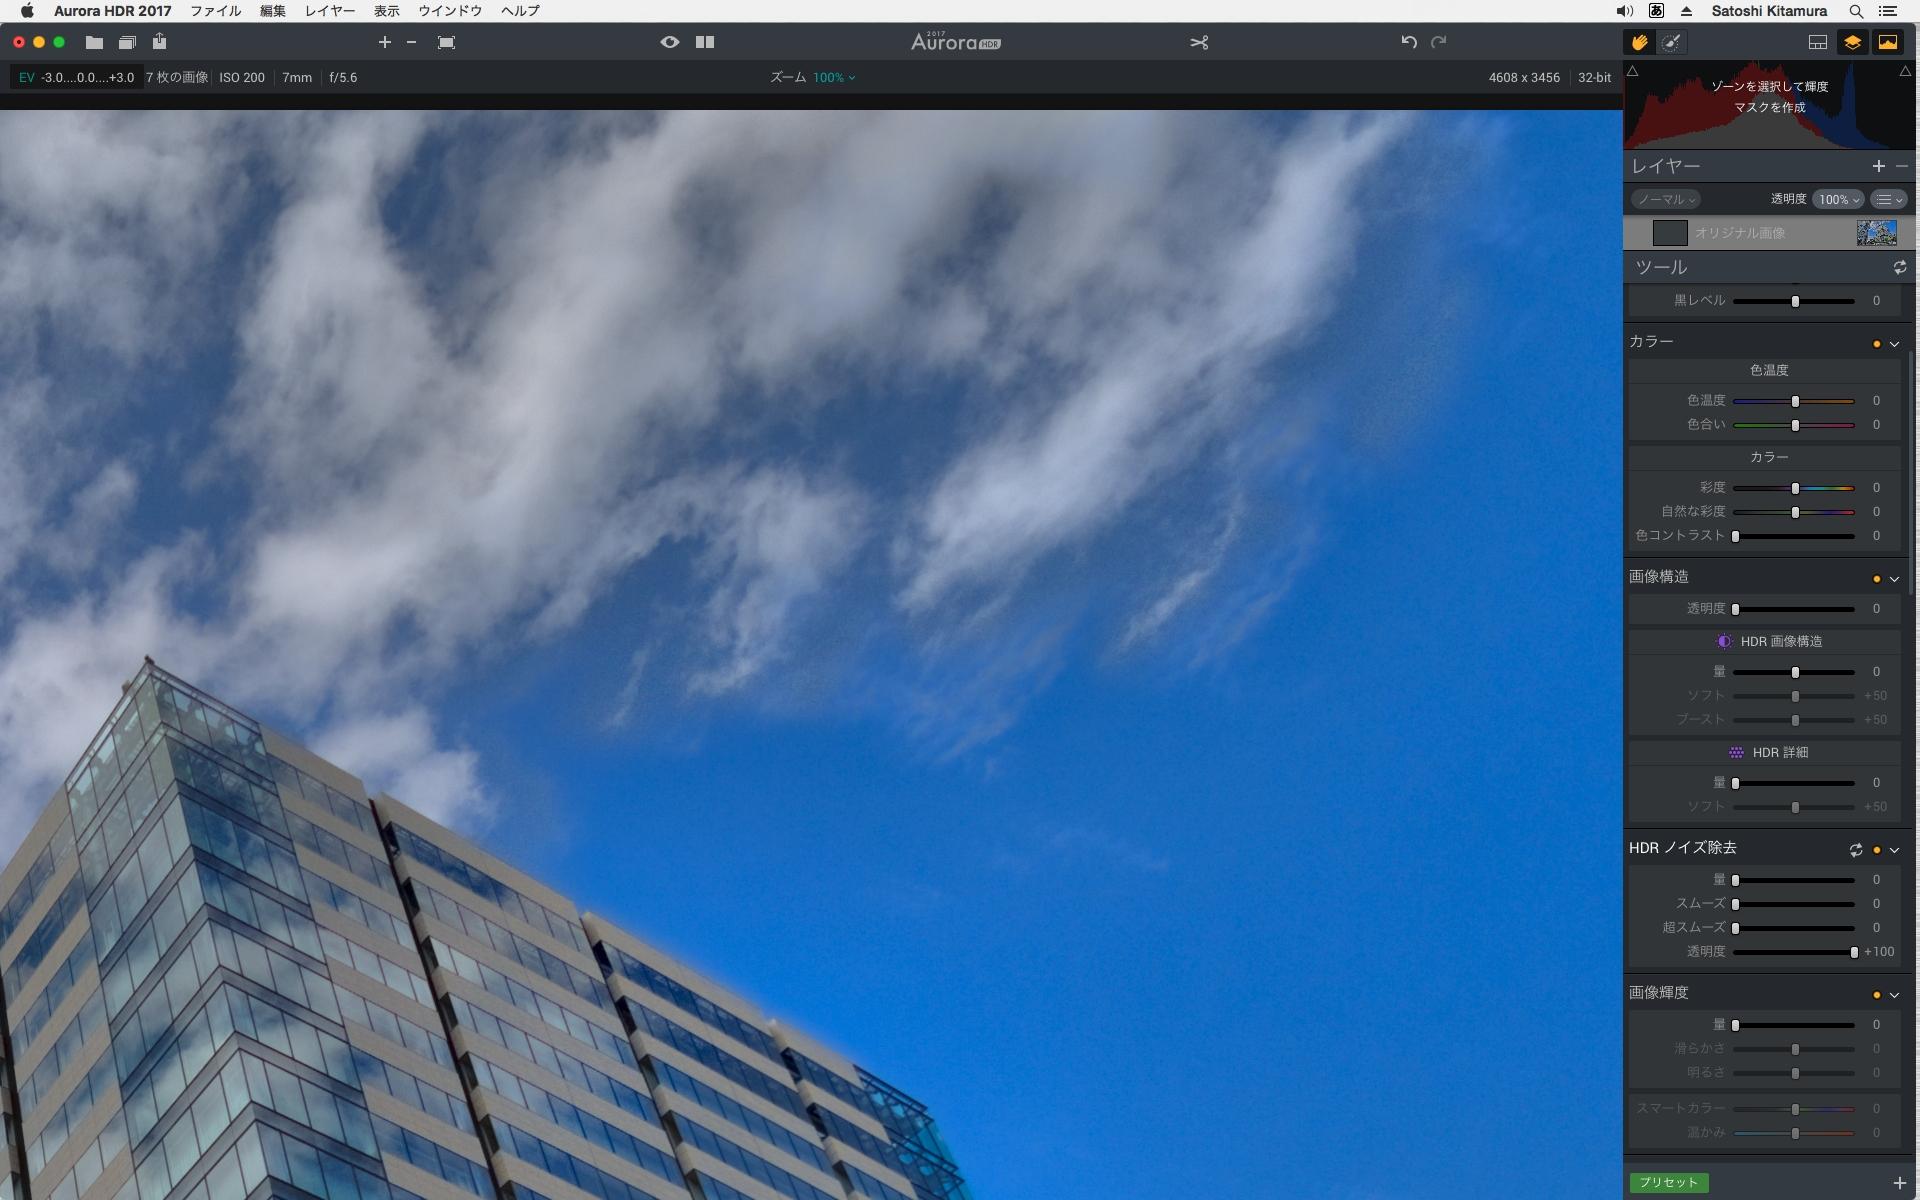 ピクセル等倍で見ると、雲の部分に少しノイズが出ていて、灰色っぽくなっている